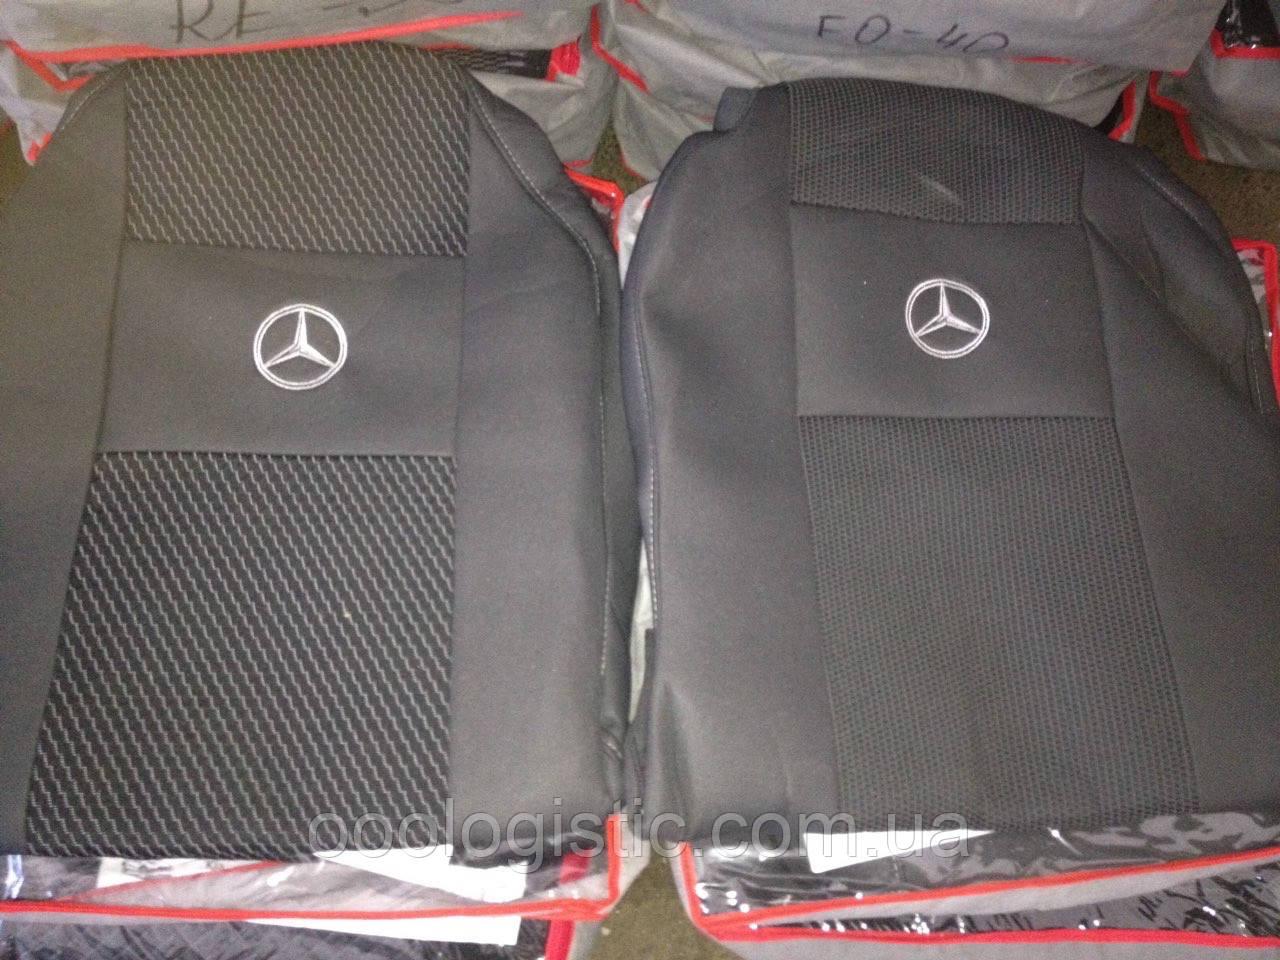 Авточехлы  на Mercedes Atego (1+1) 2004-2013,Мерседес Атего (1+1)2004-2013 года